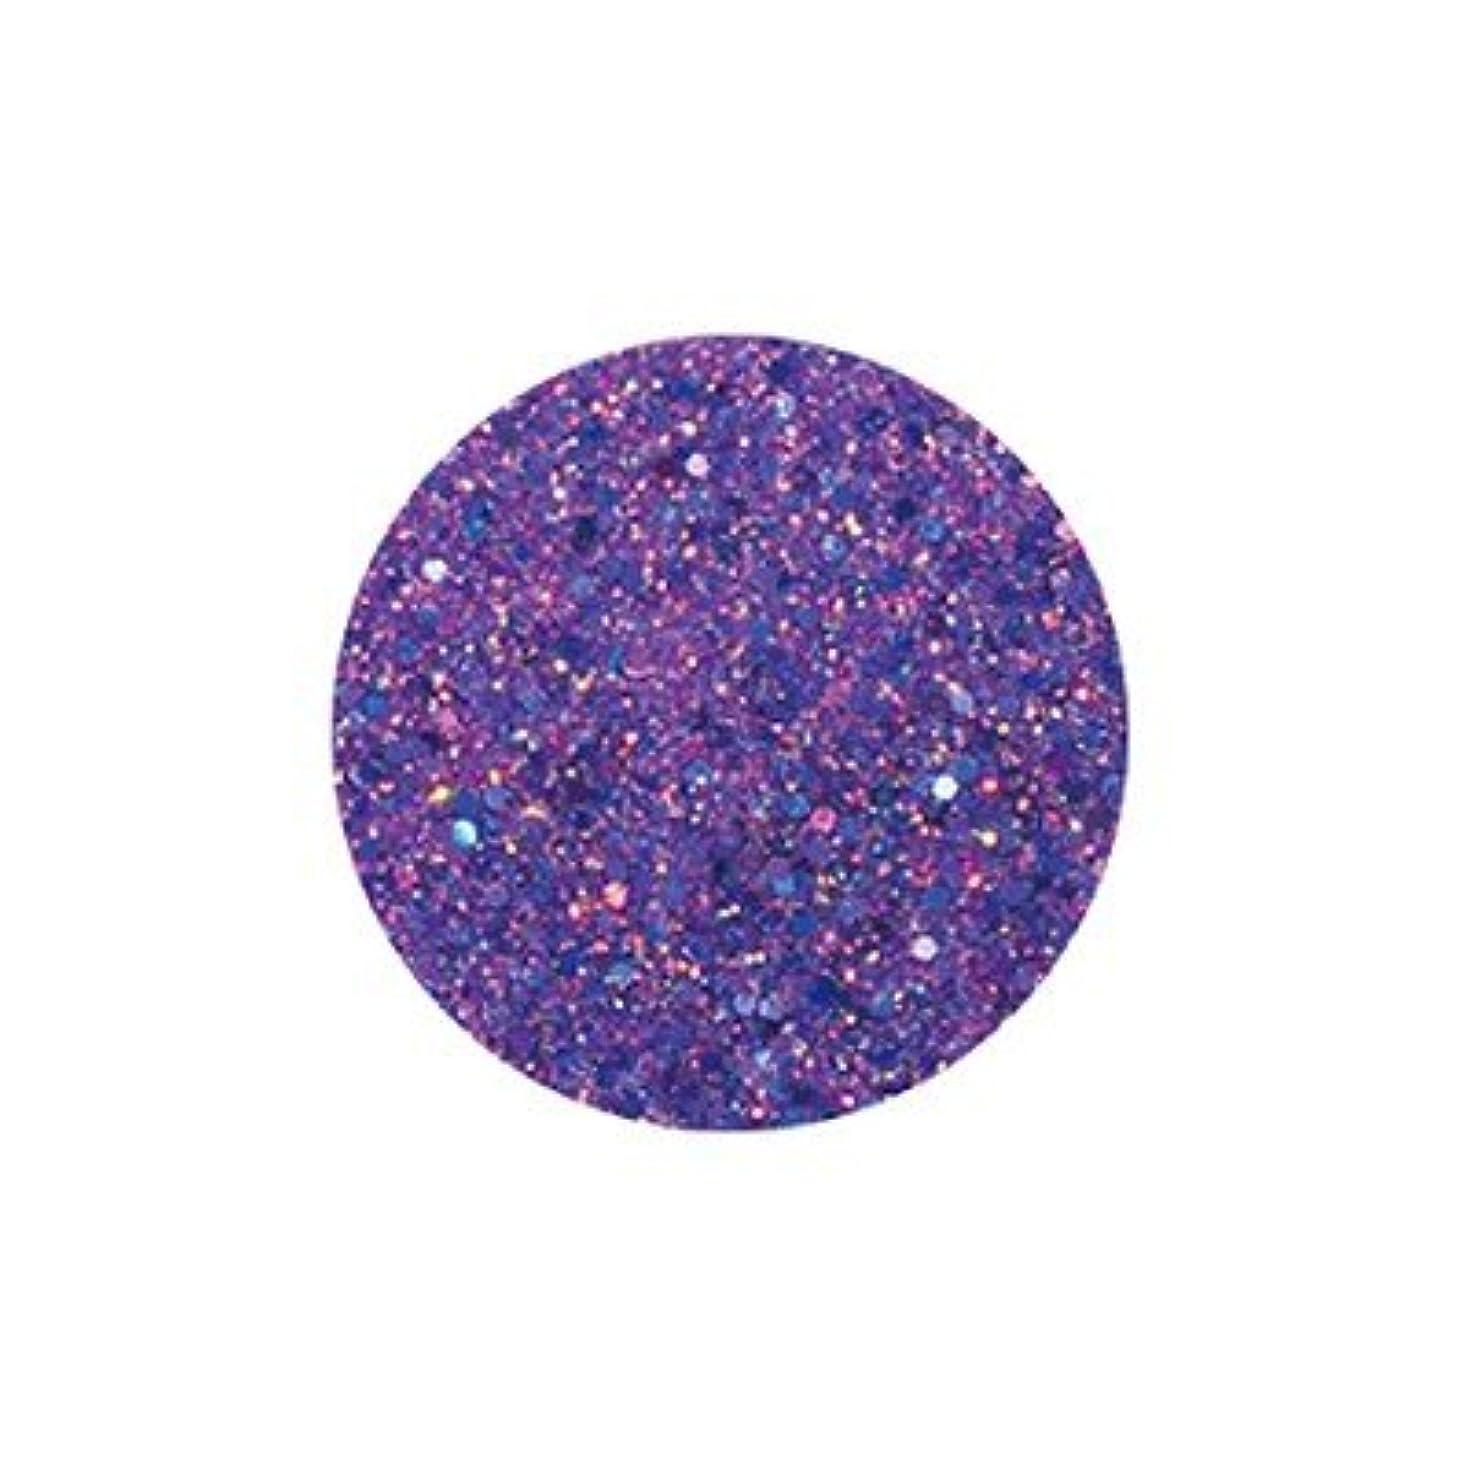 息子境界当社FANTASY NAIL ダイヤモンドコレクション 3g 4261XS カラーパウダー アート材